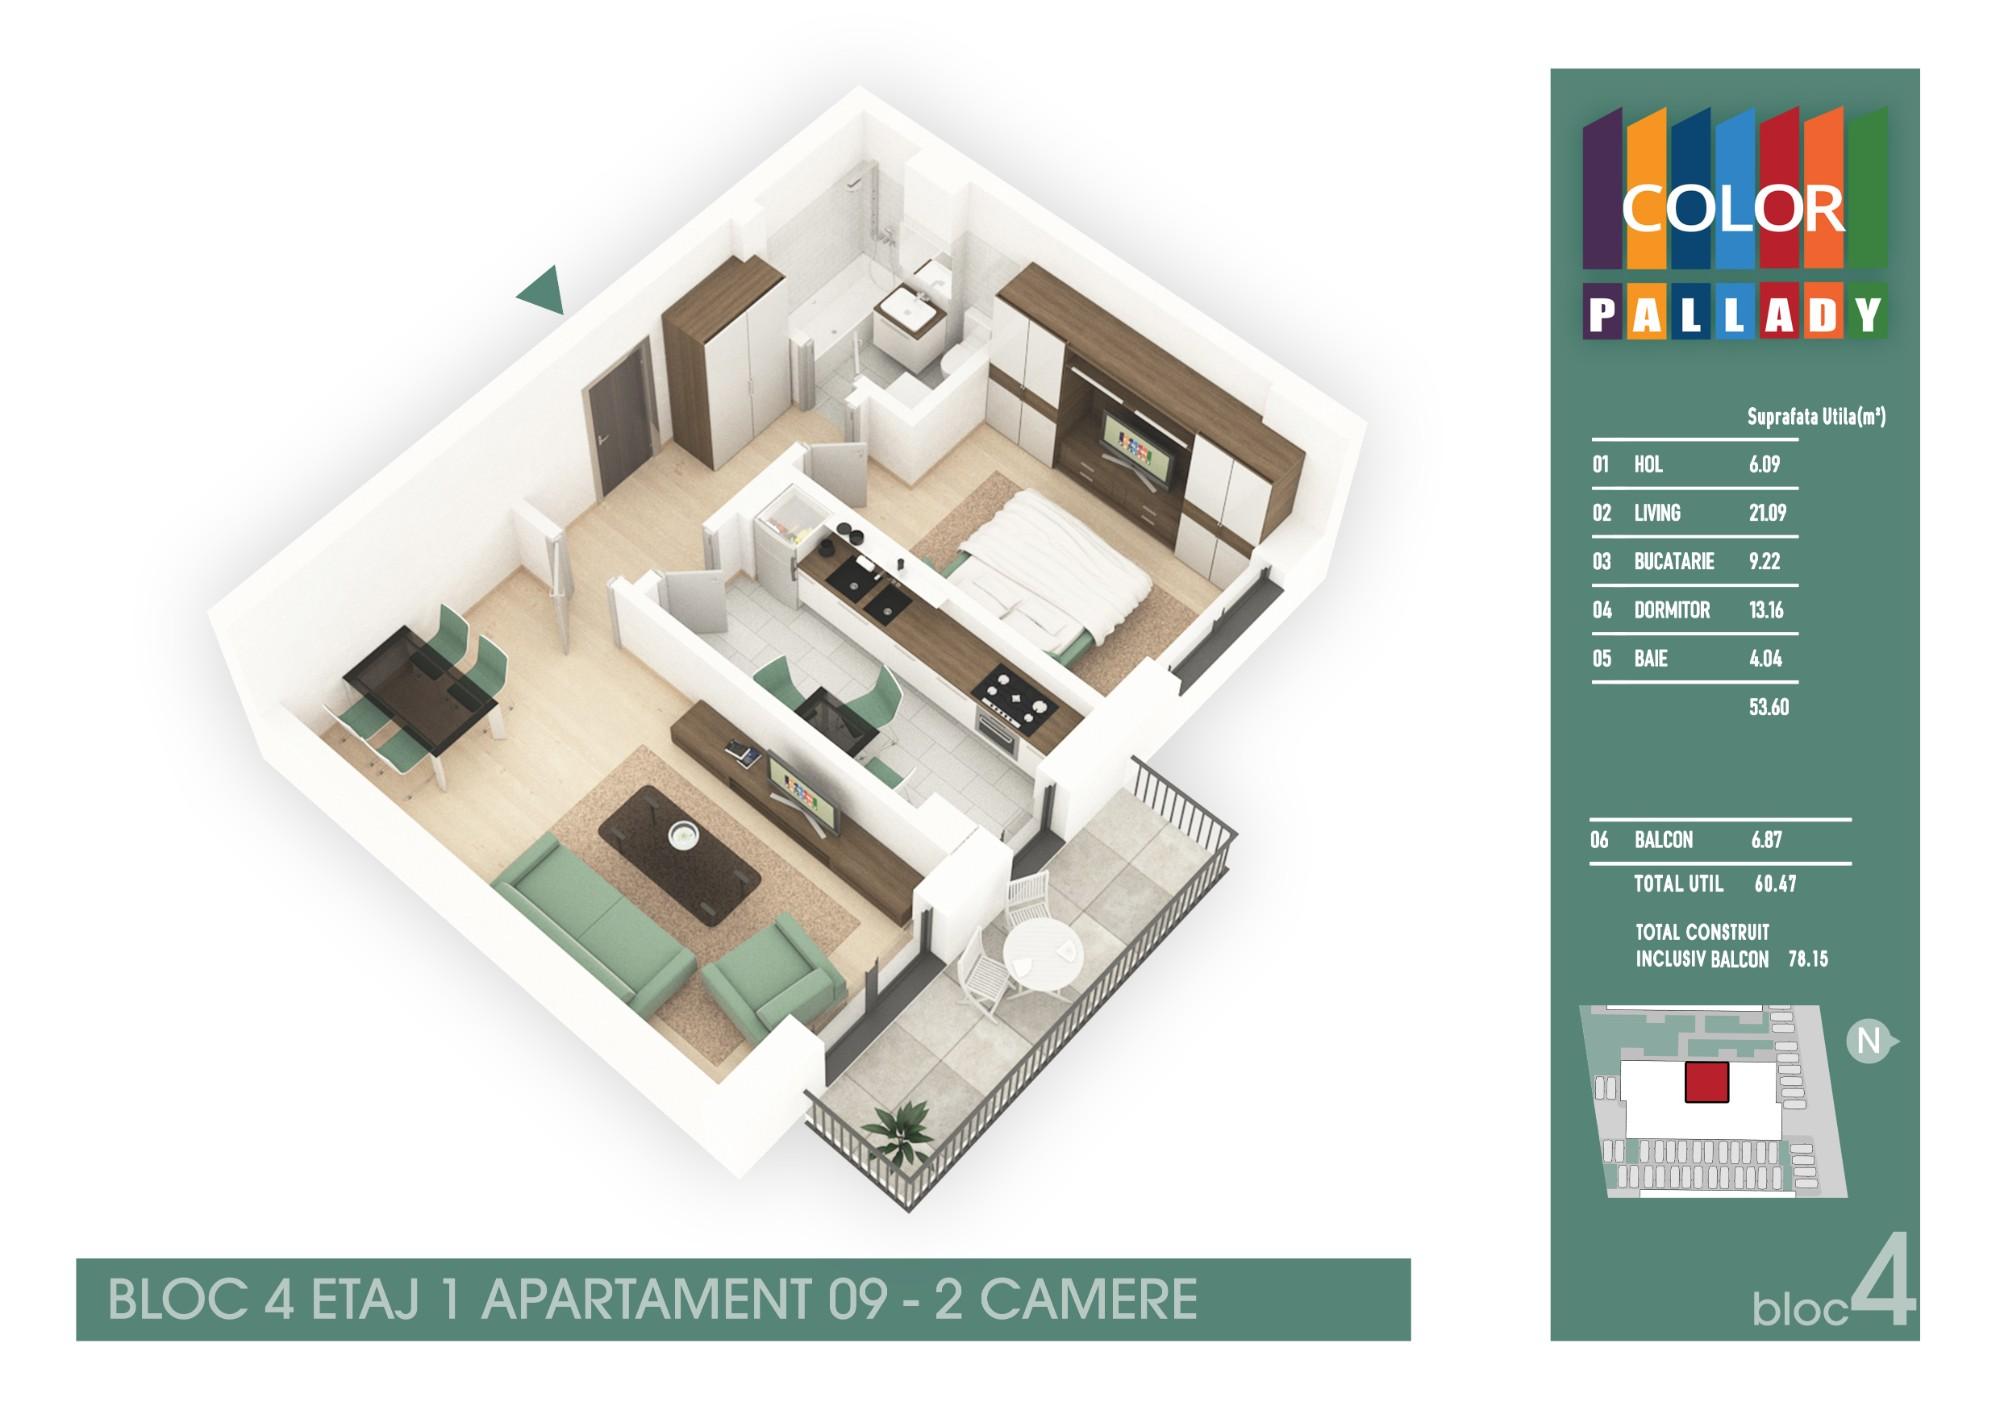 Bloc 4 - Etaj 1 - Apartament 09